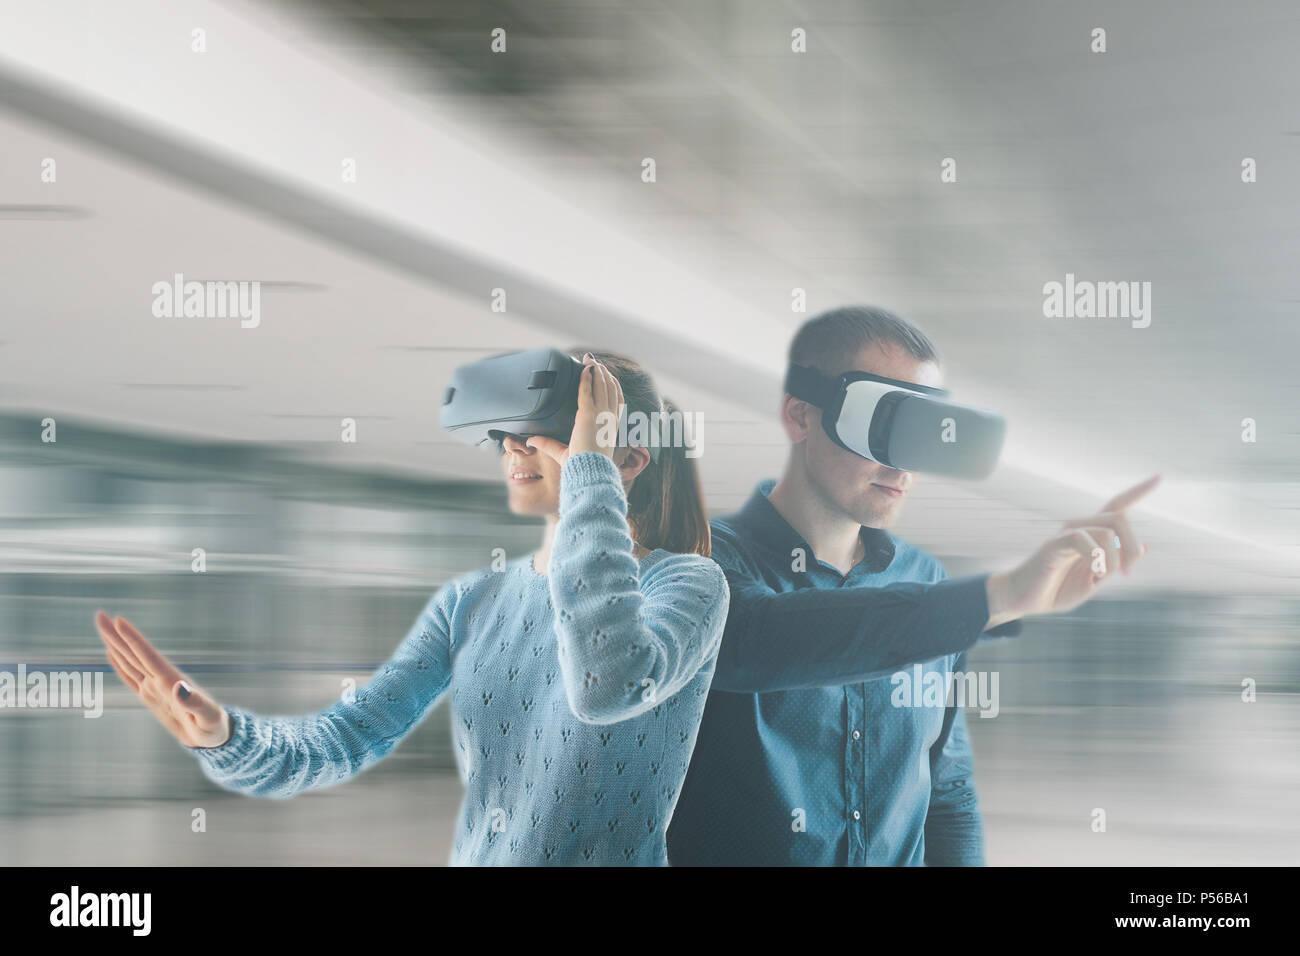 Una giovane donna e un giovane uomo in realtà virtuale occhiali.Il concetto di tecnologie moderne e le tecnologie del futuro. Occhiali VR. Immagini Stock